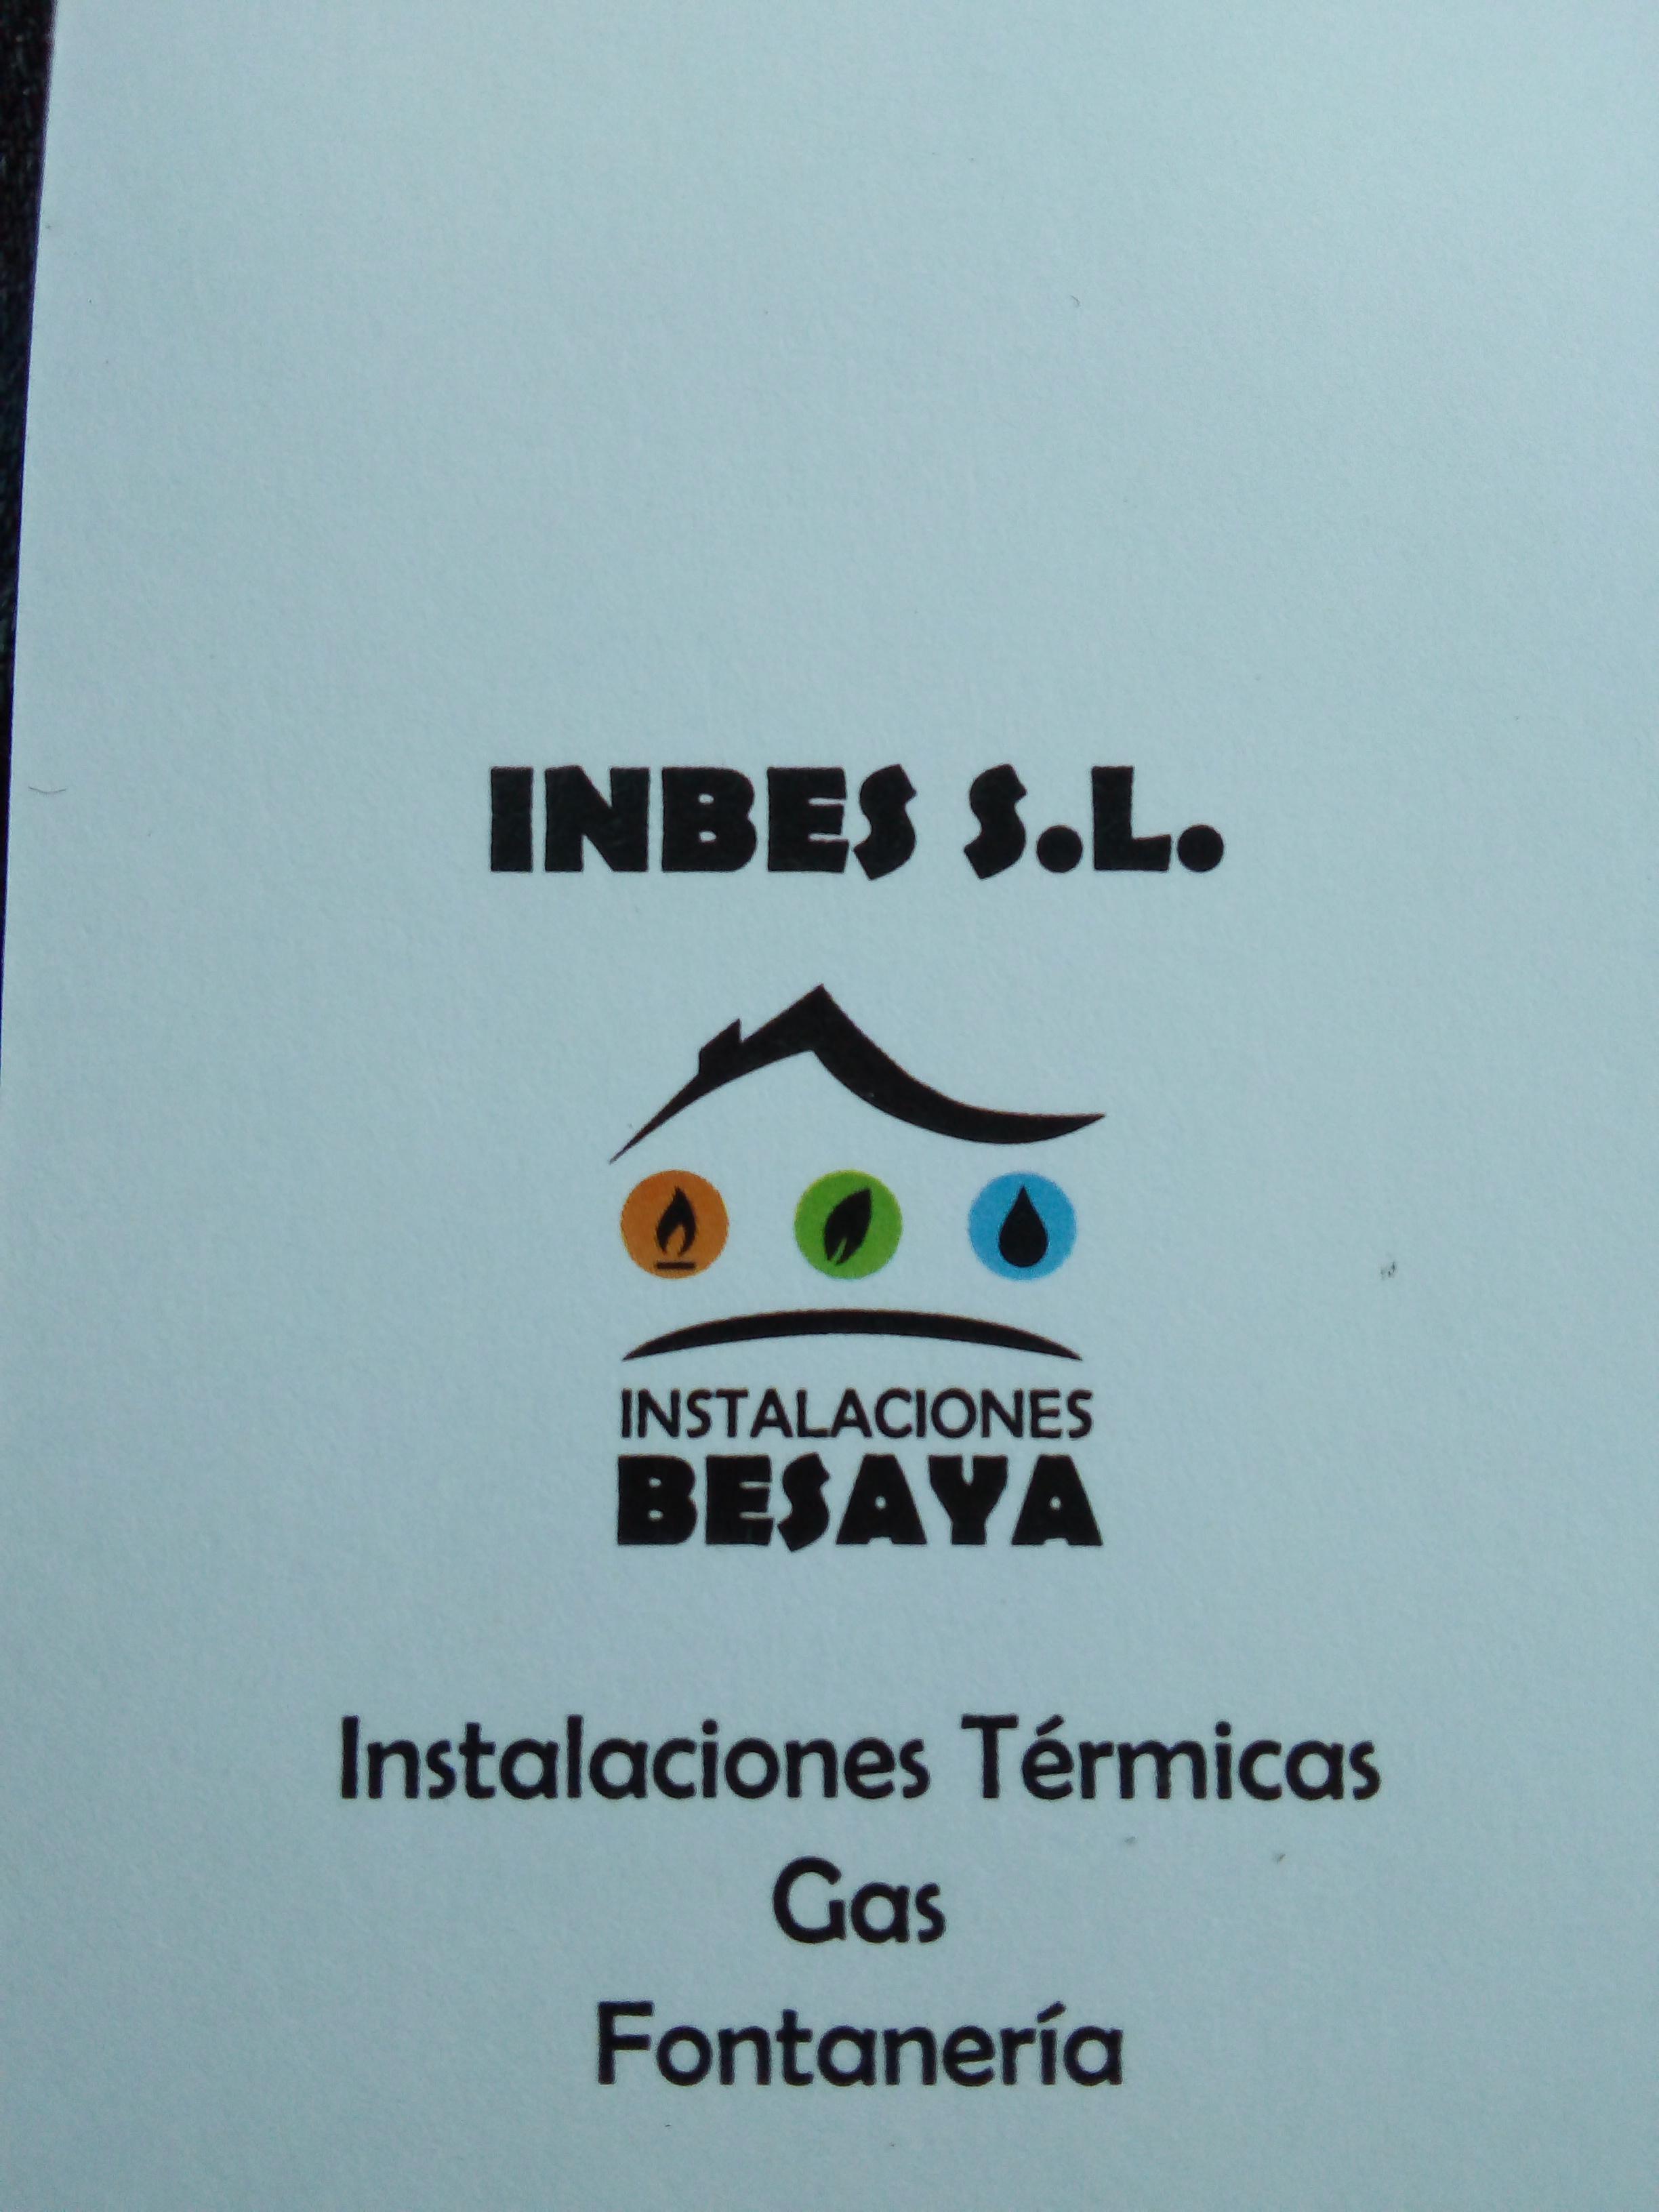 Instalaciones Del Besaya S.l.